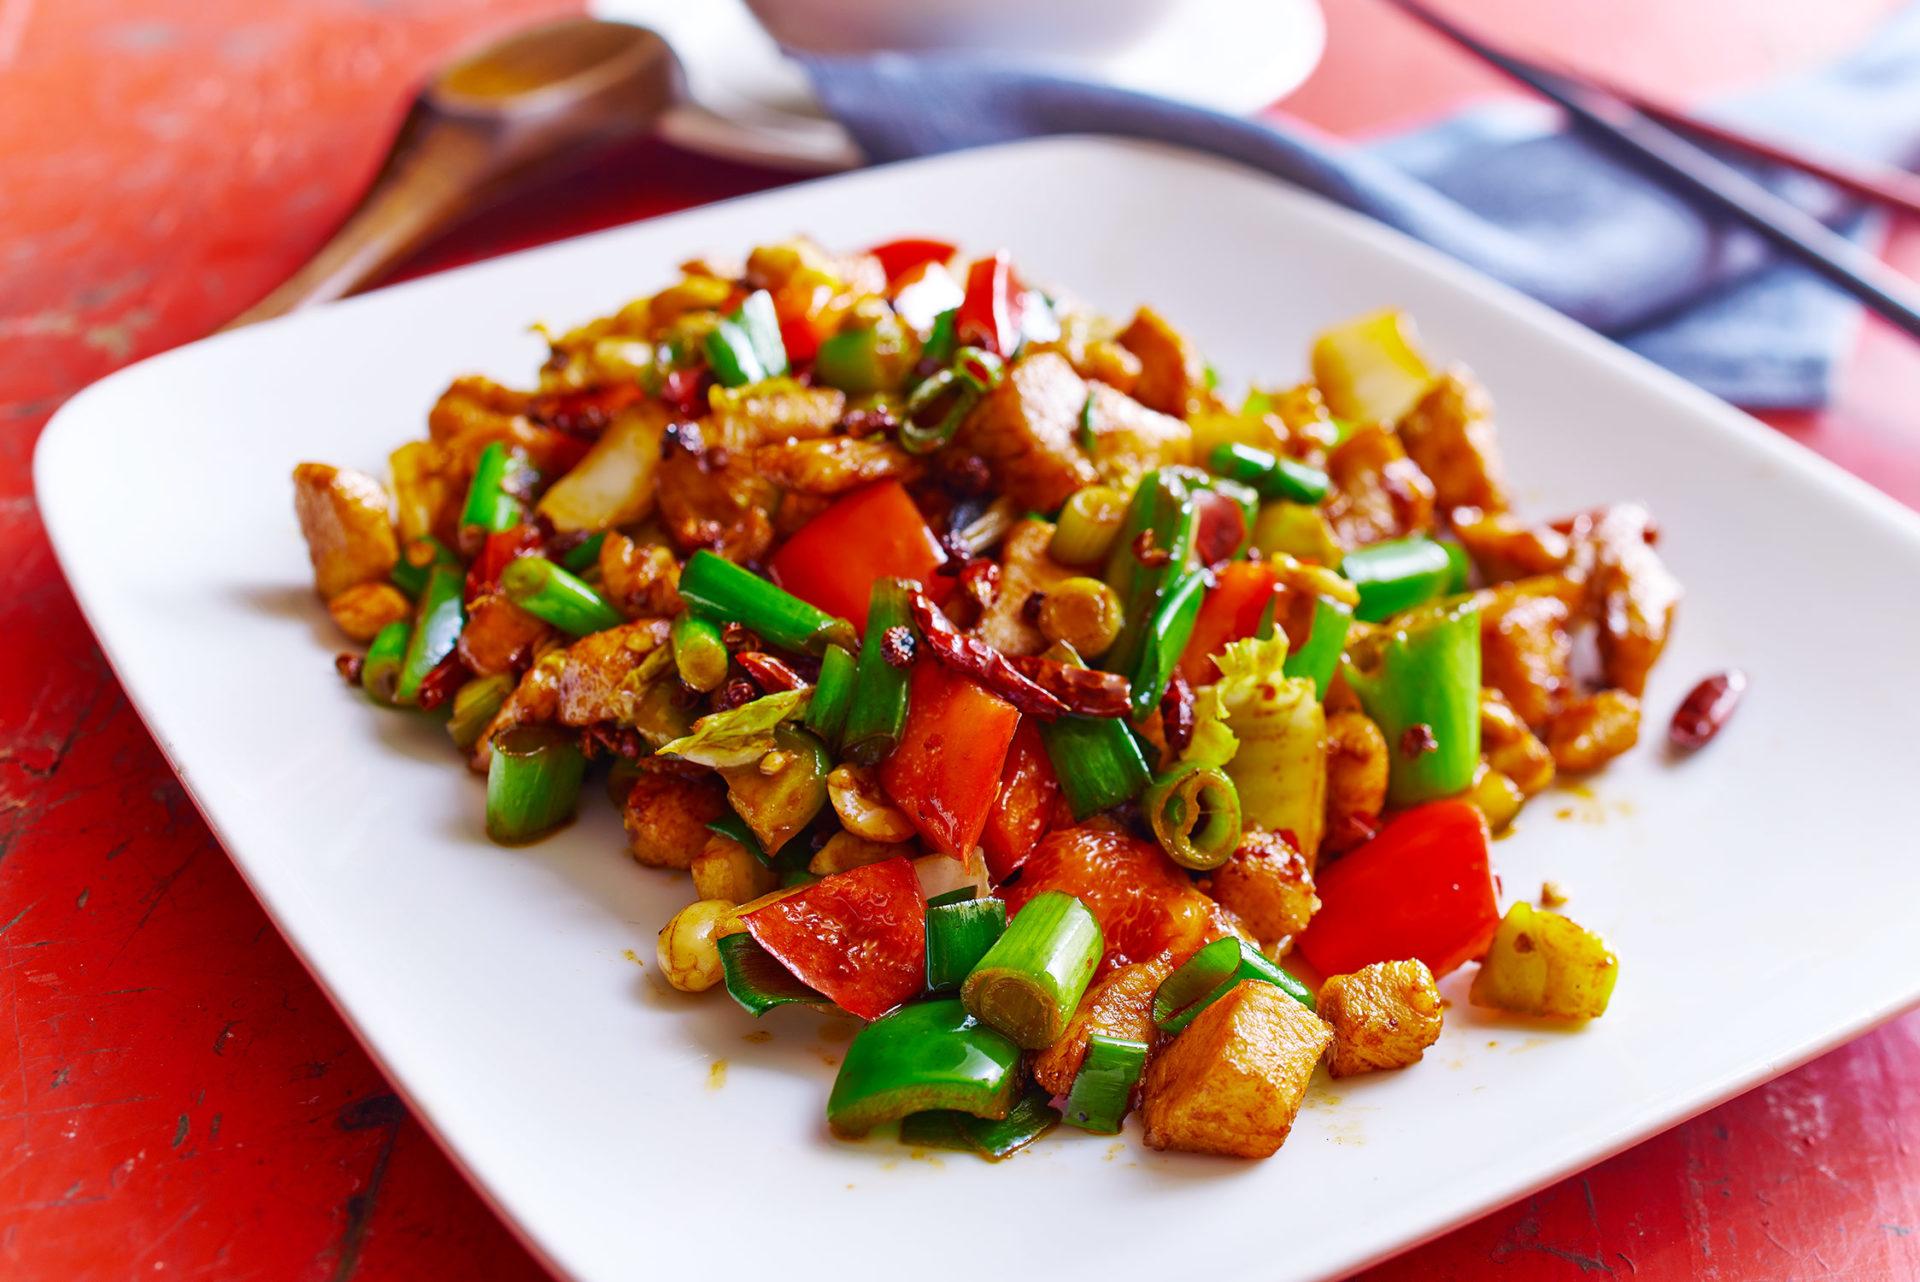 Gong Bao Huhn - gebratene Hühnerbrust mit Paprika, Gemüse, Erdnüssen und Knoblauch